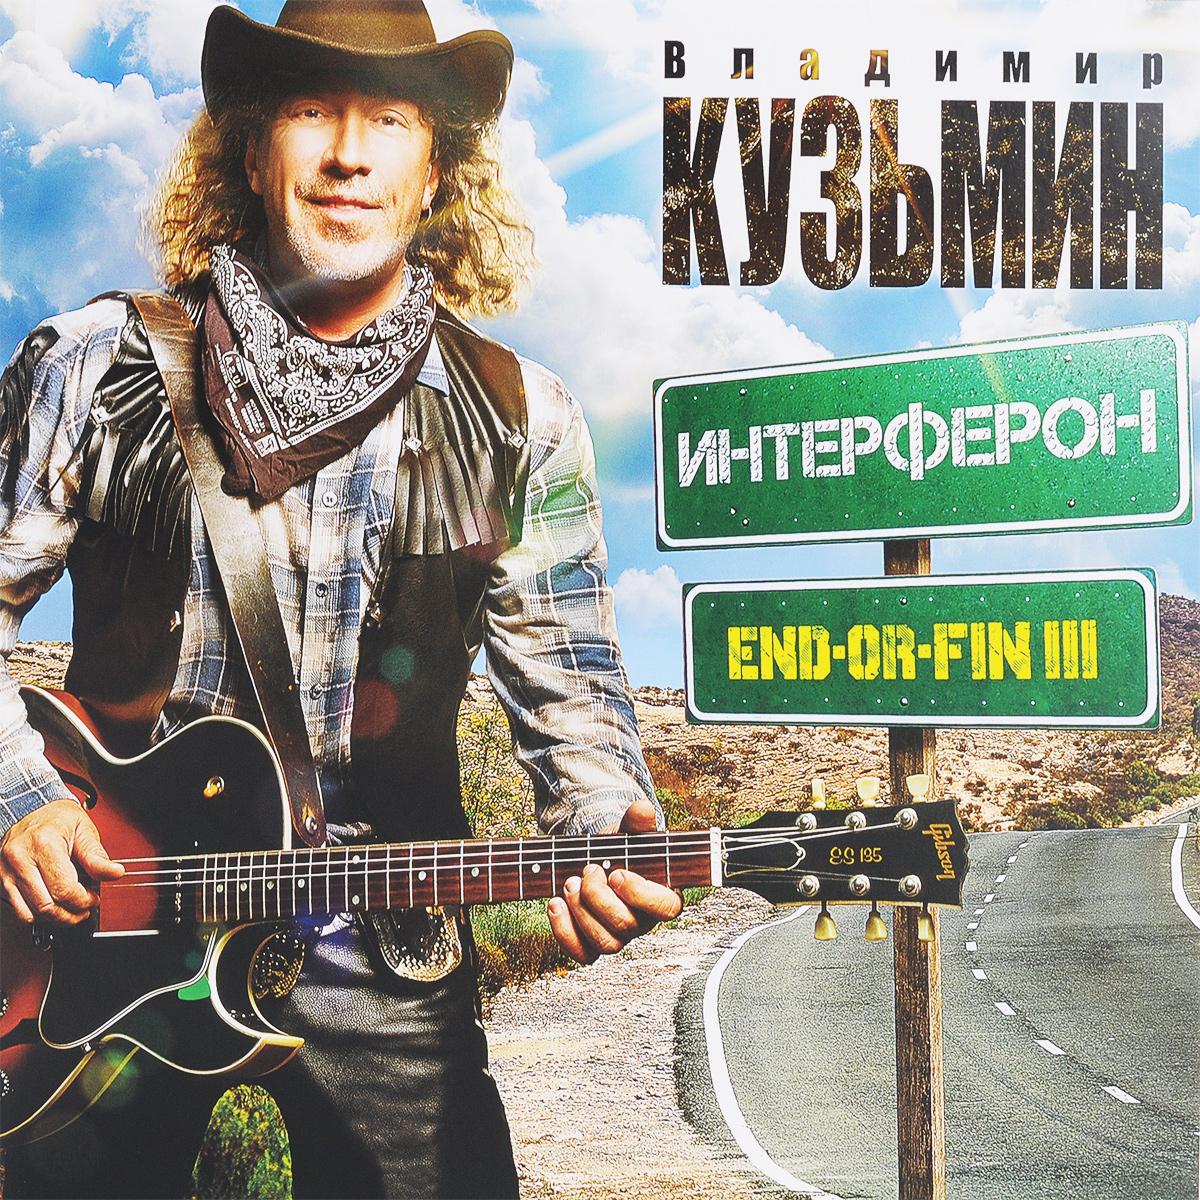 Владимир Кузьмин.  Интерферон.  End-or-fin III (LP) Первое Музыкальное Издательство